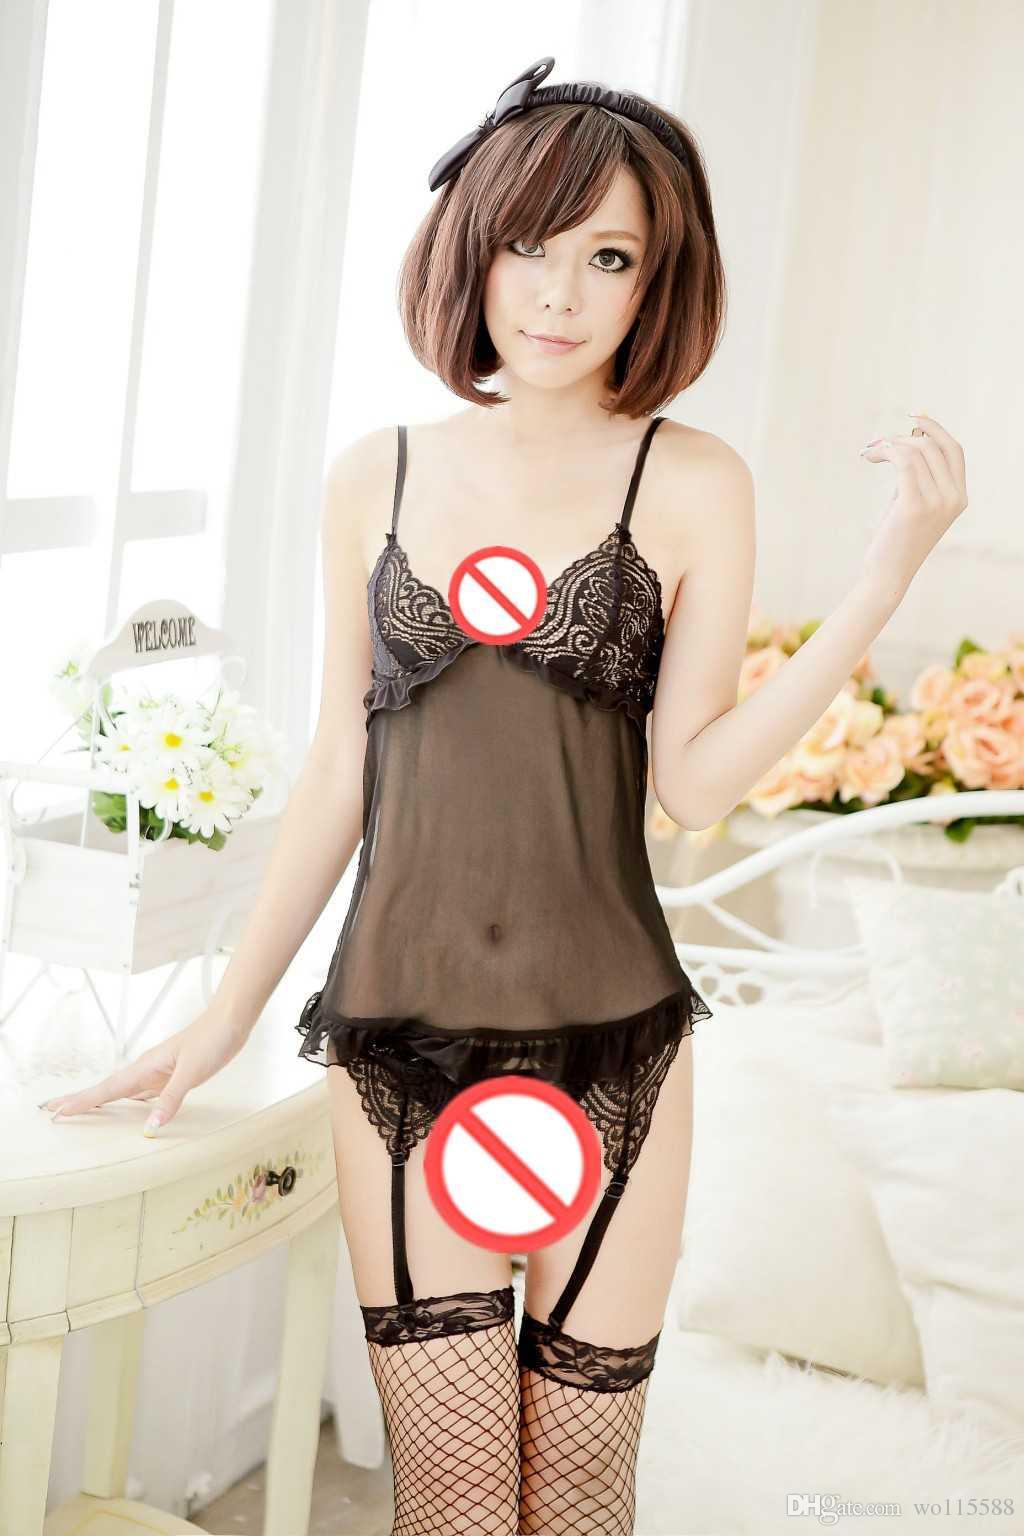 Envío gratis Nueva ropa interior sexy cosplay sexy underwear negro atractivo arnés femenino perspectiva abierta entrepierna cuerpo ropa de loto pijamas pijamas